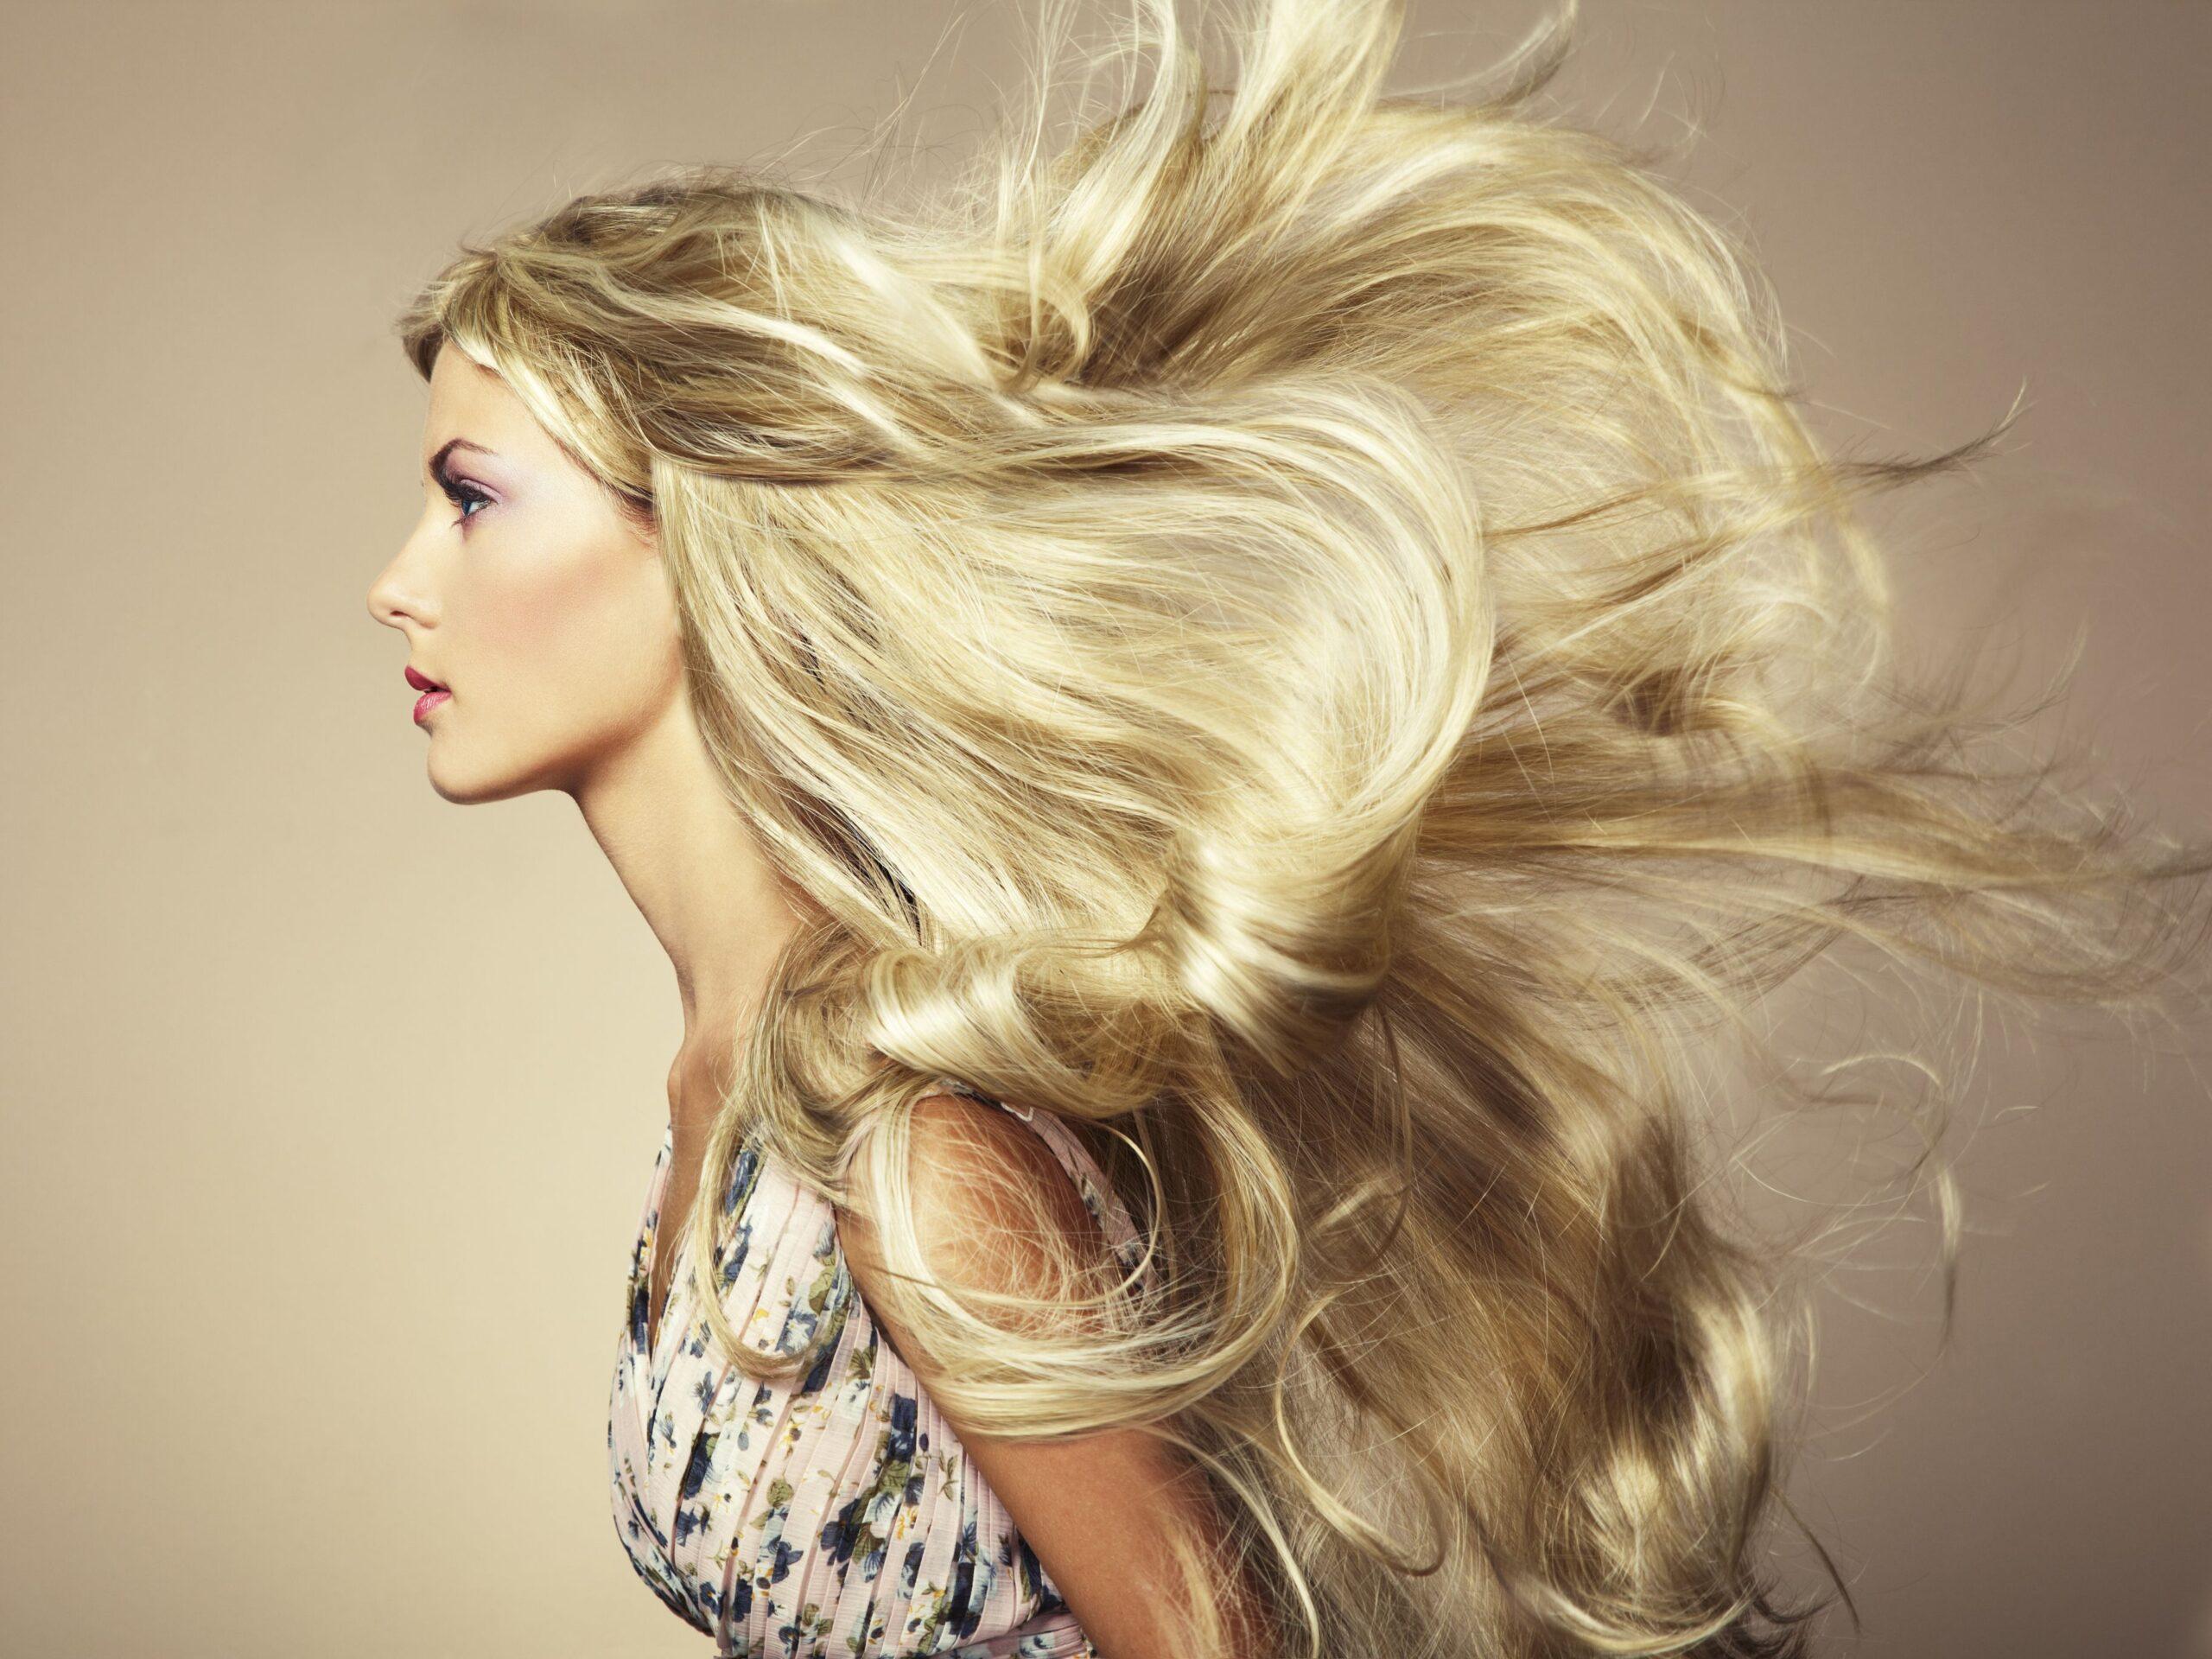 Avere capelli lunghi e sani si può